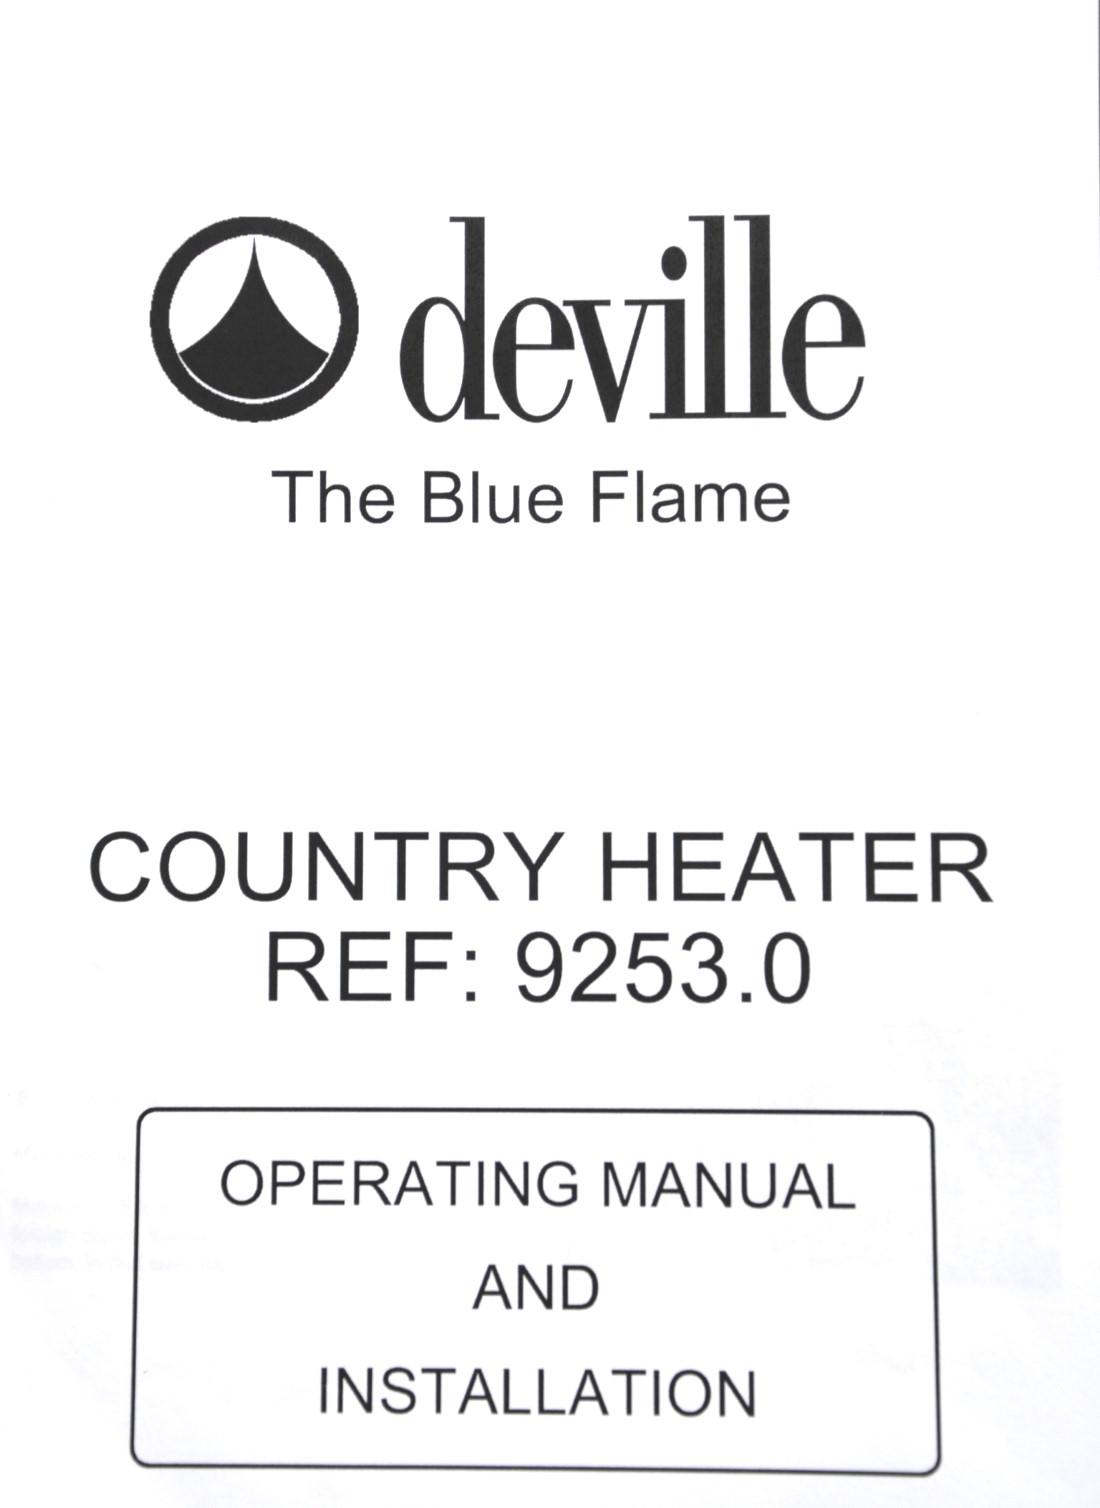 Deville - мультитопливный универсальный обогреватель | Конверсионная техника с военного хранения